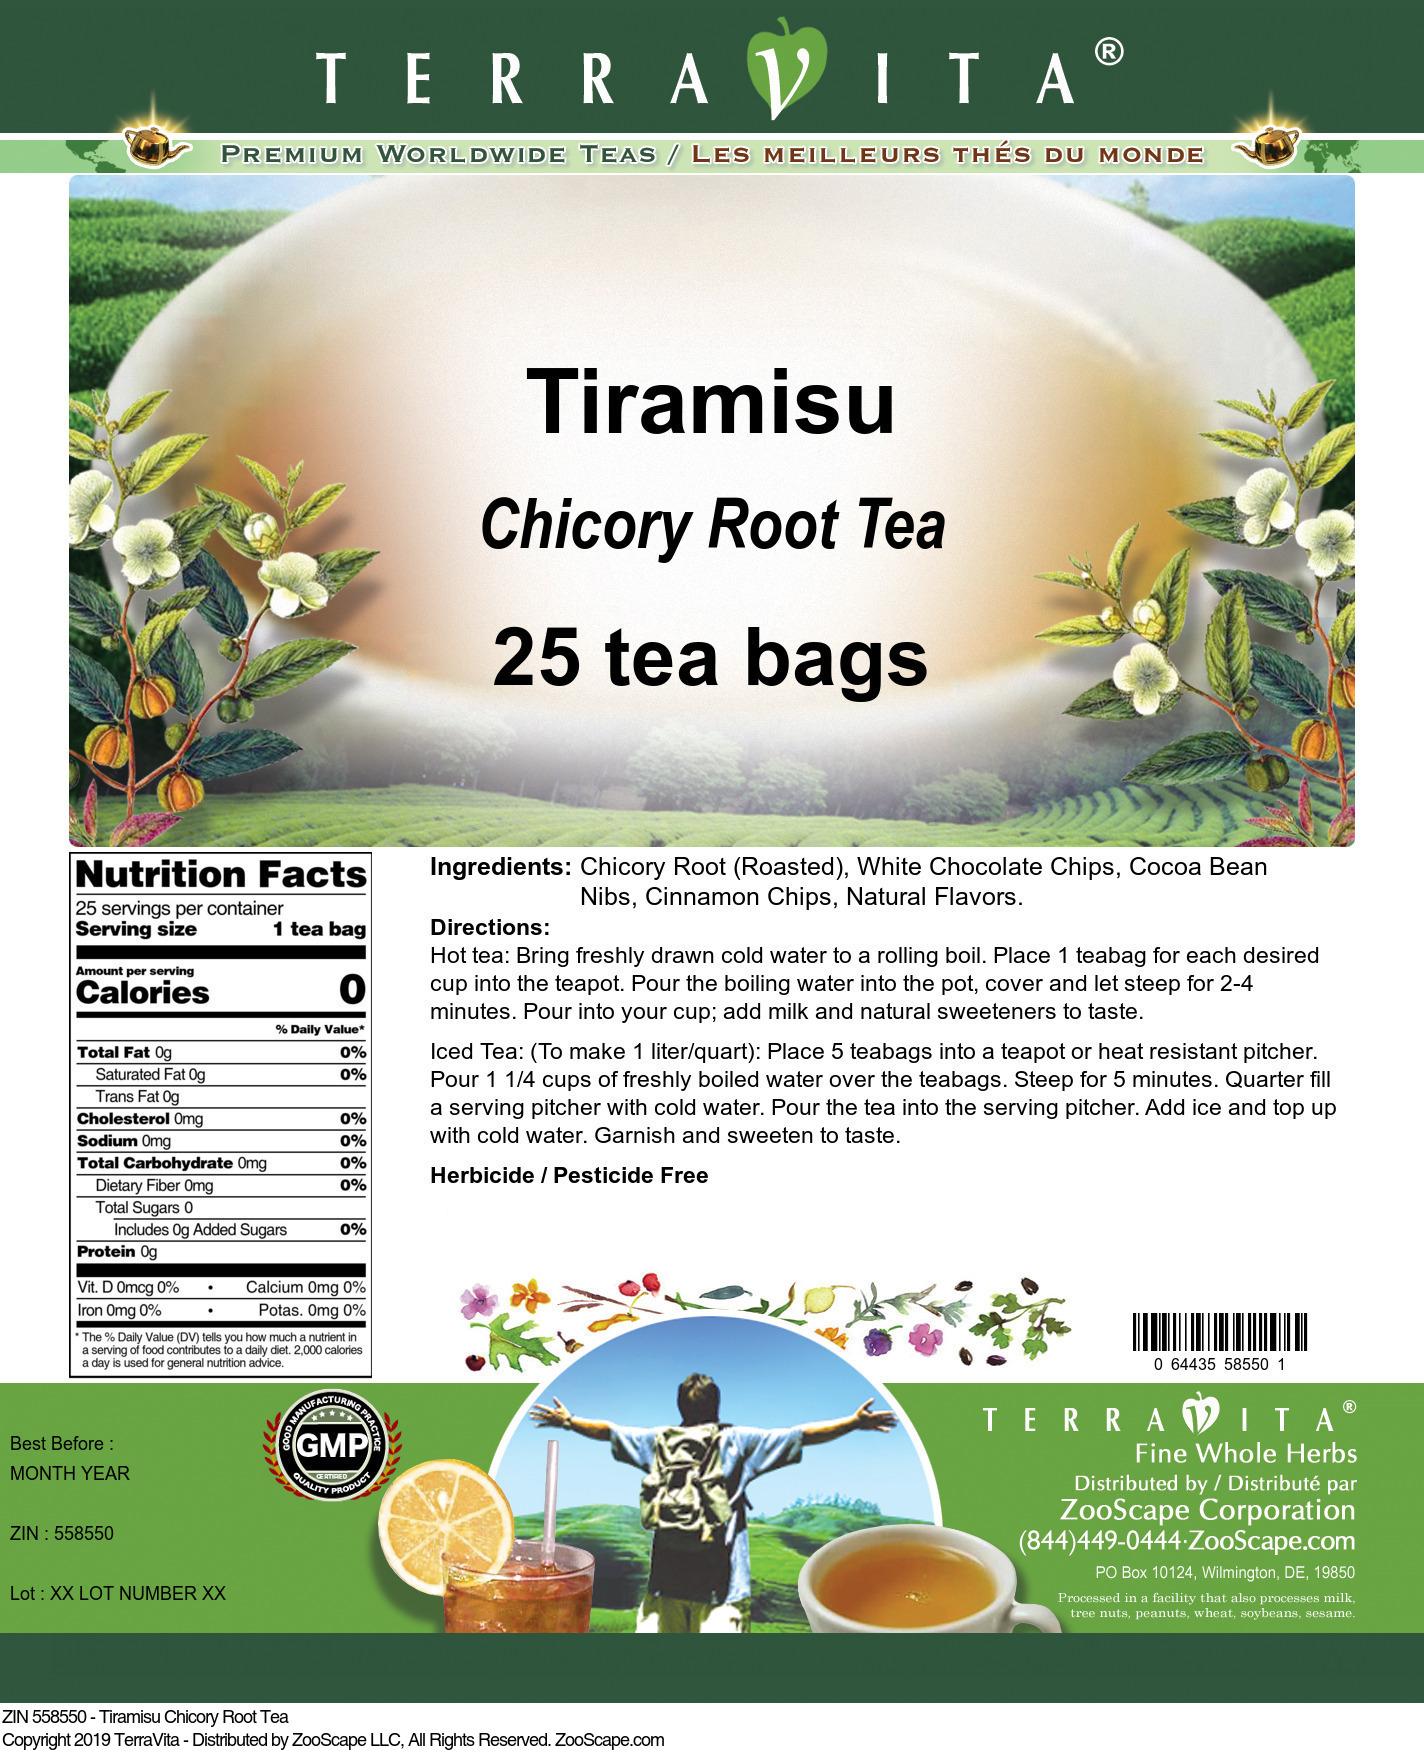 Tiramisu Chicory Root